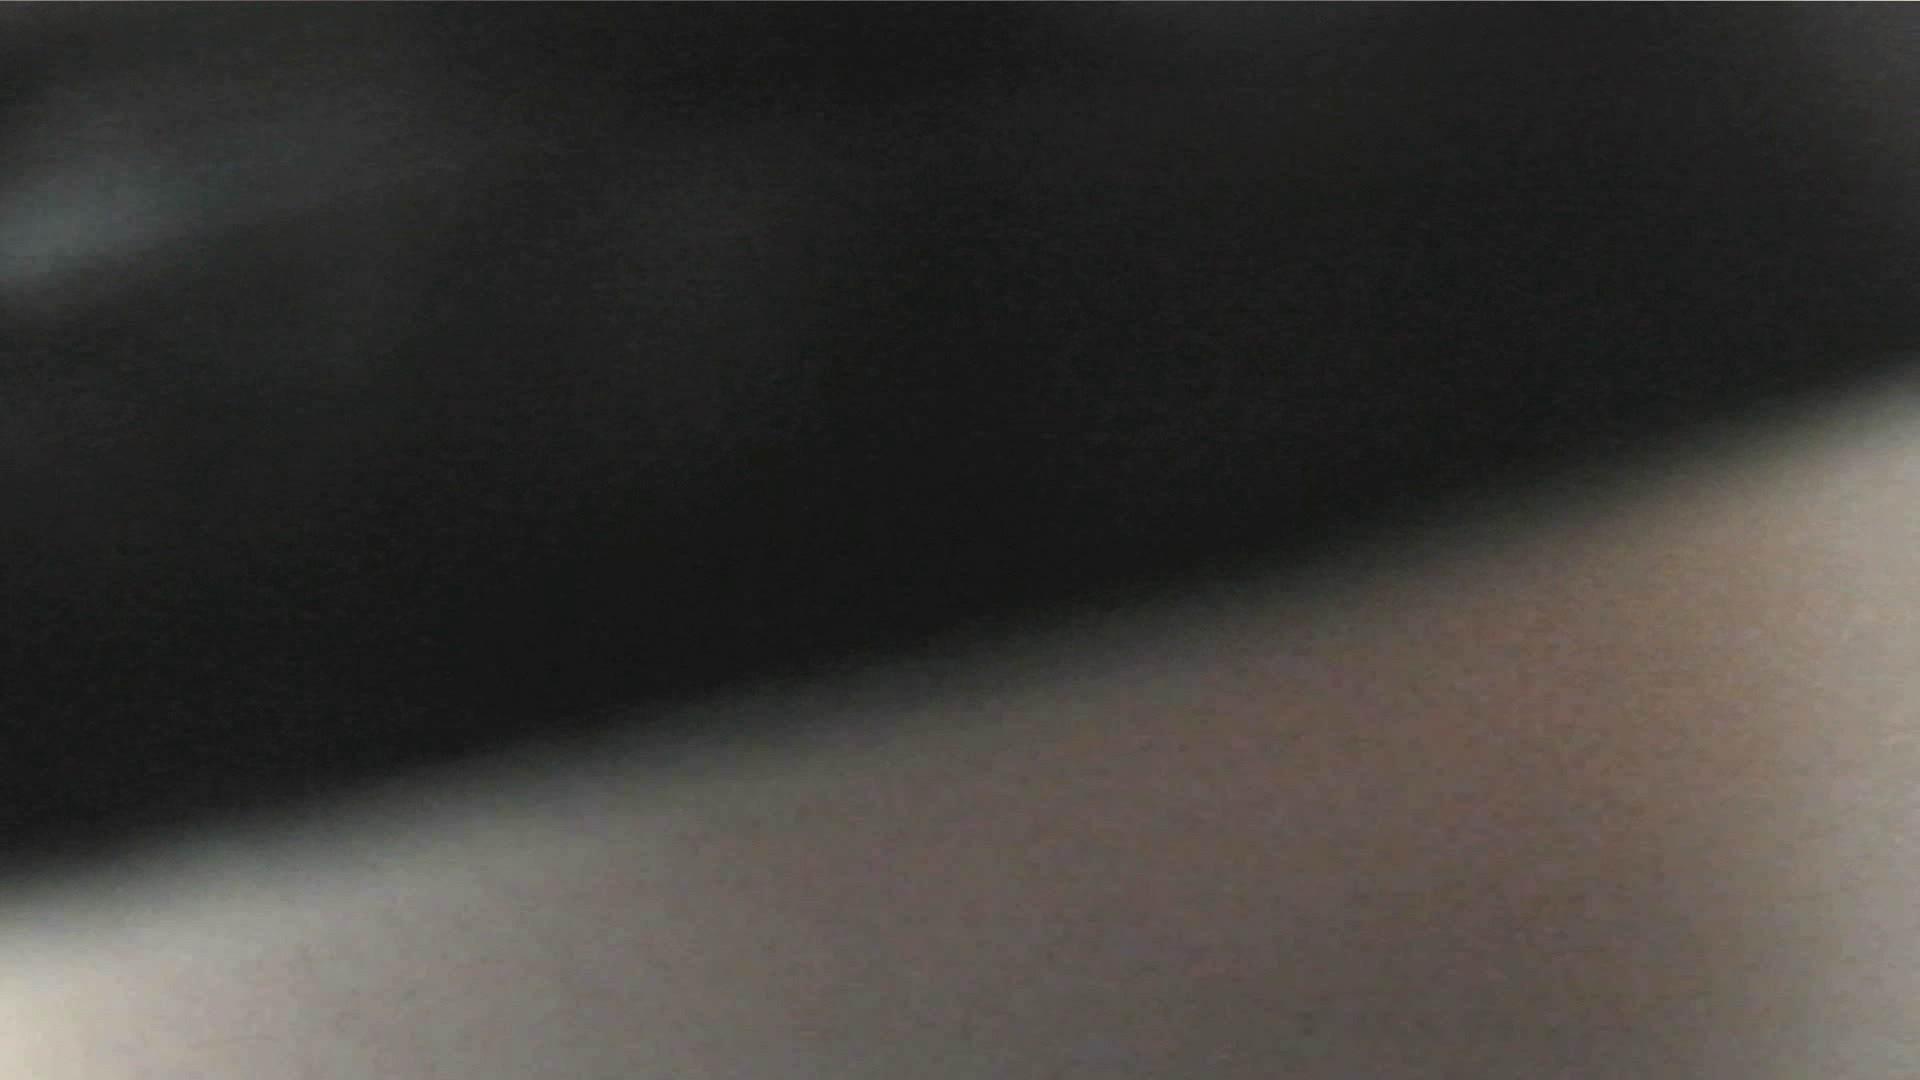 お市さんの「お尻丸出しジャンボリー」No.1 丸見え アダルト動画キャプチャ 111枚 69